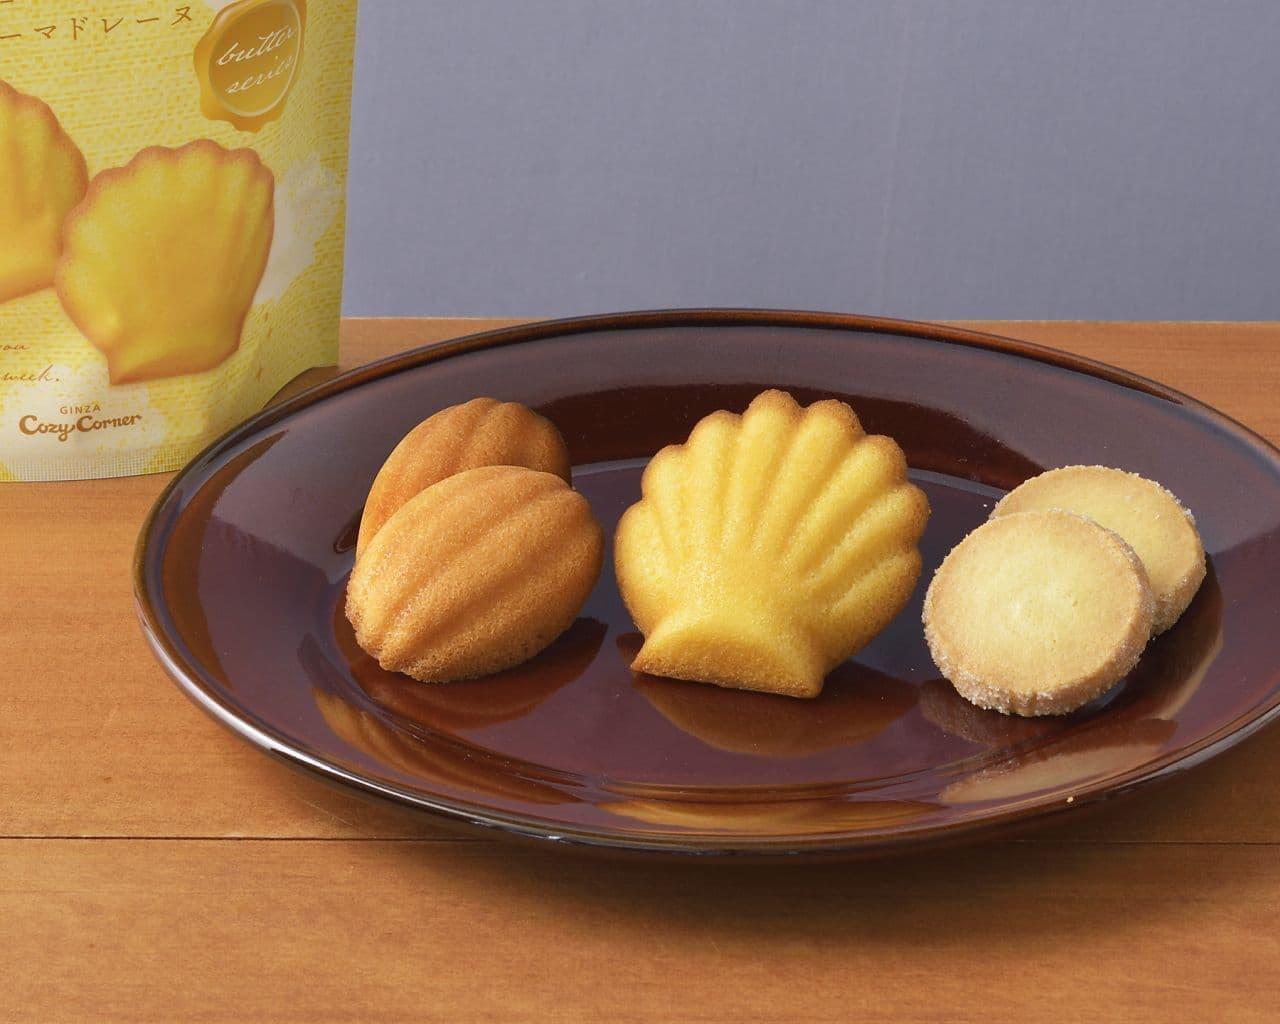 銀座コージーコーナー「バターマドレーヌ(4個入)」「バターフィナンシェ(4個入)」「バタークッキー(6個入)」